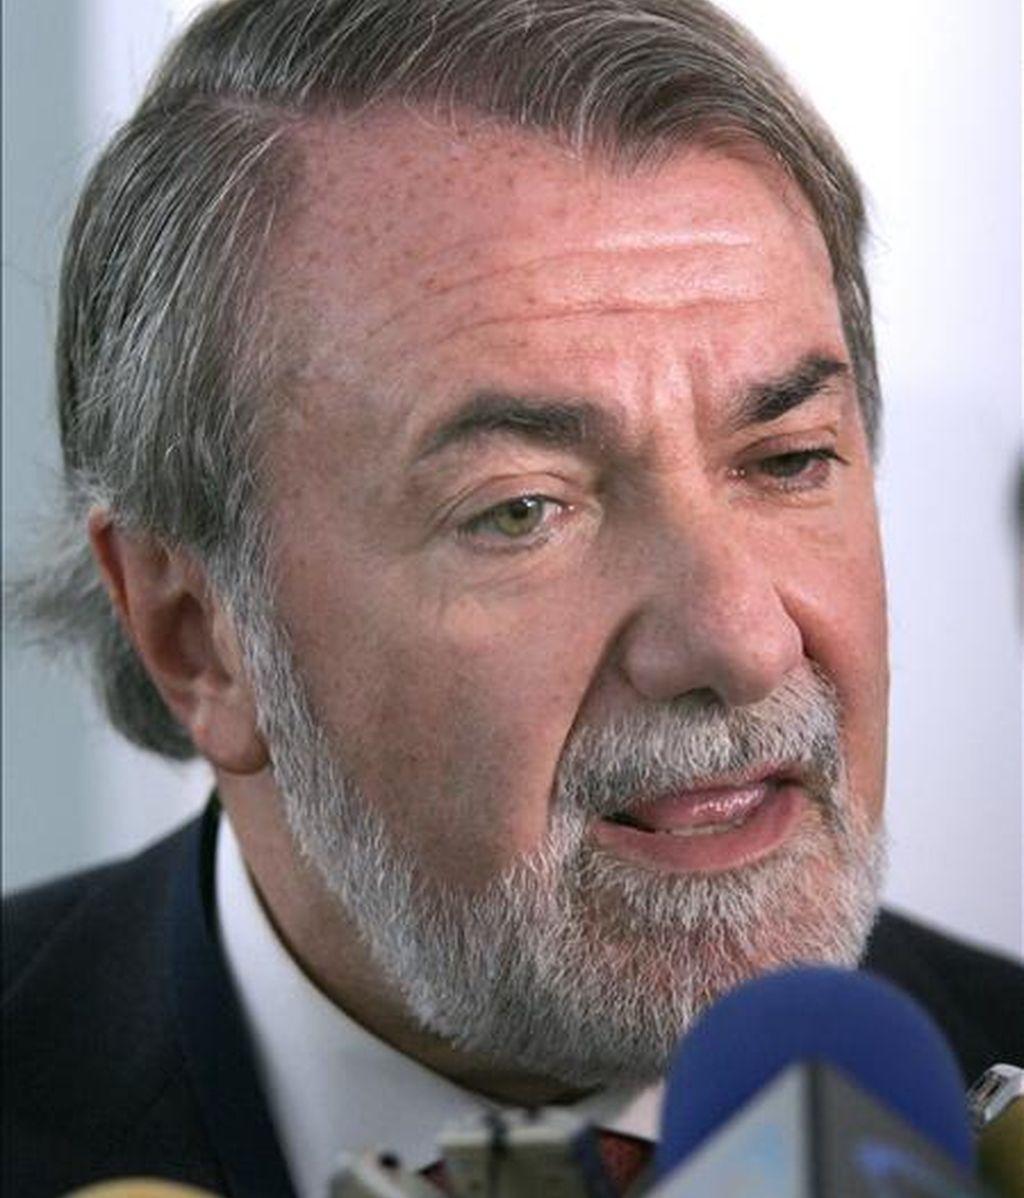 El candidato del partido en las próximas elecciones europeas, Jaime Mayor Oreja. EFE/Archivo